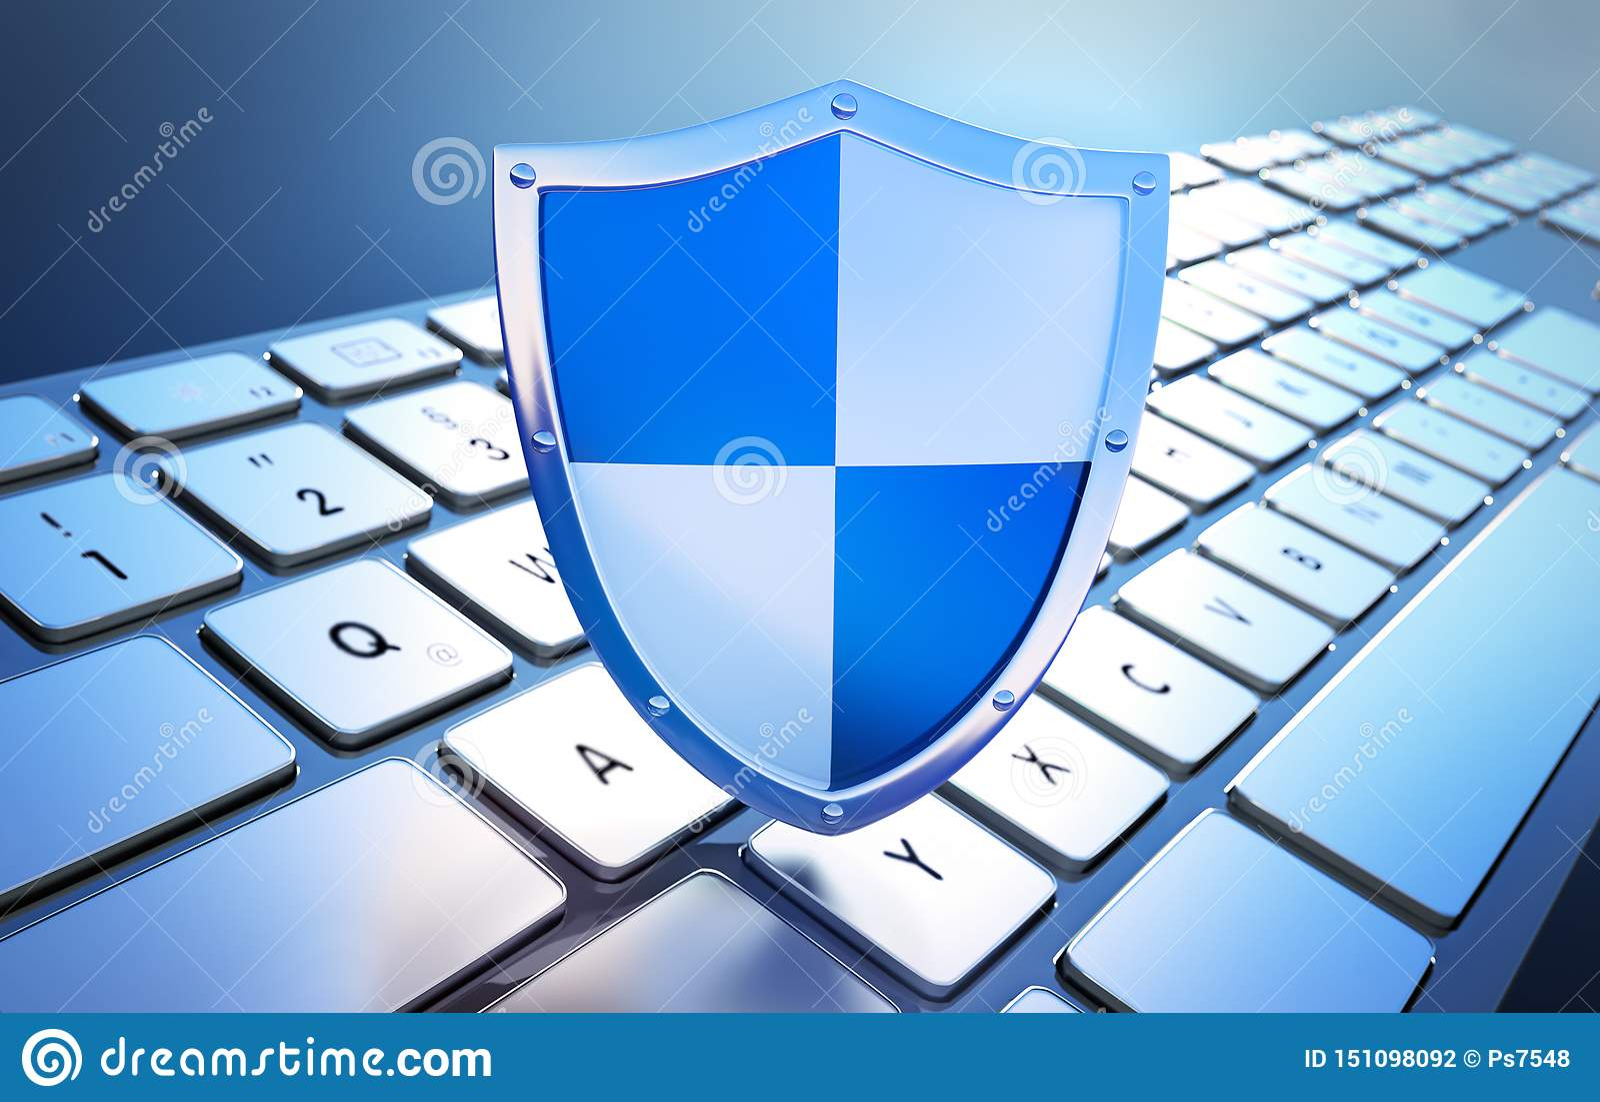 在键盘-概念计算机安全的安全盾